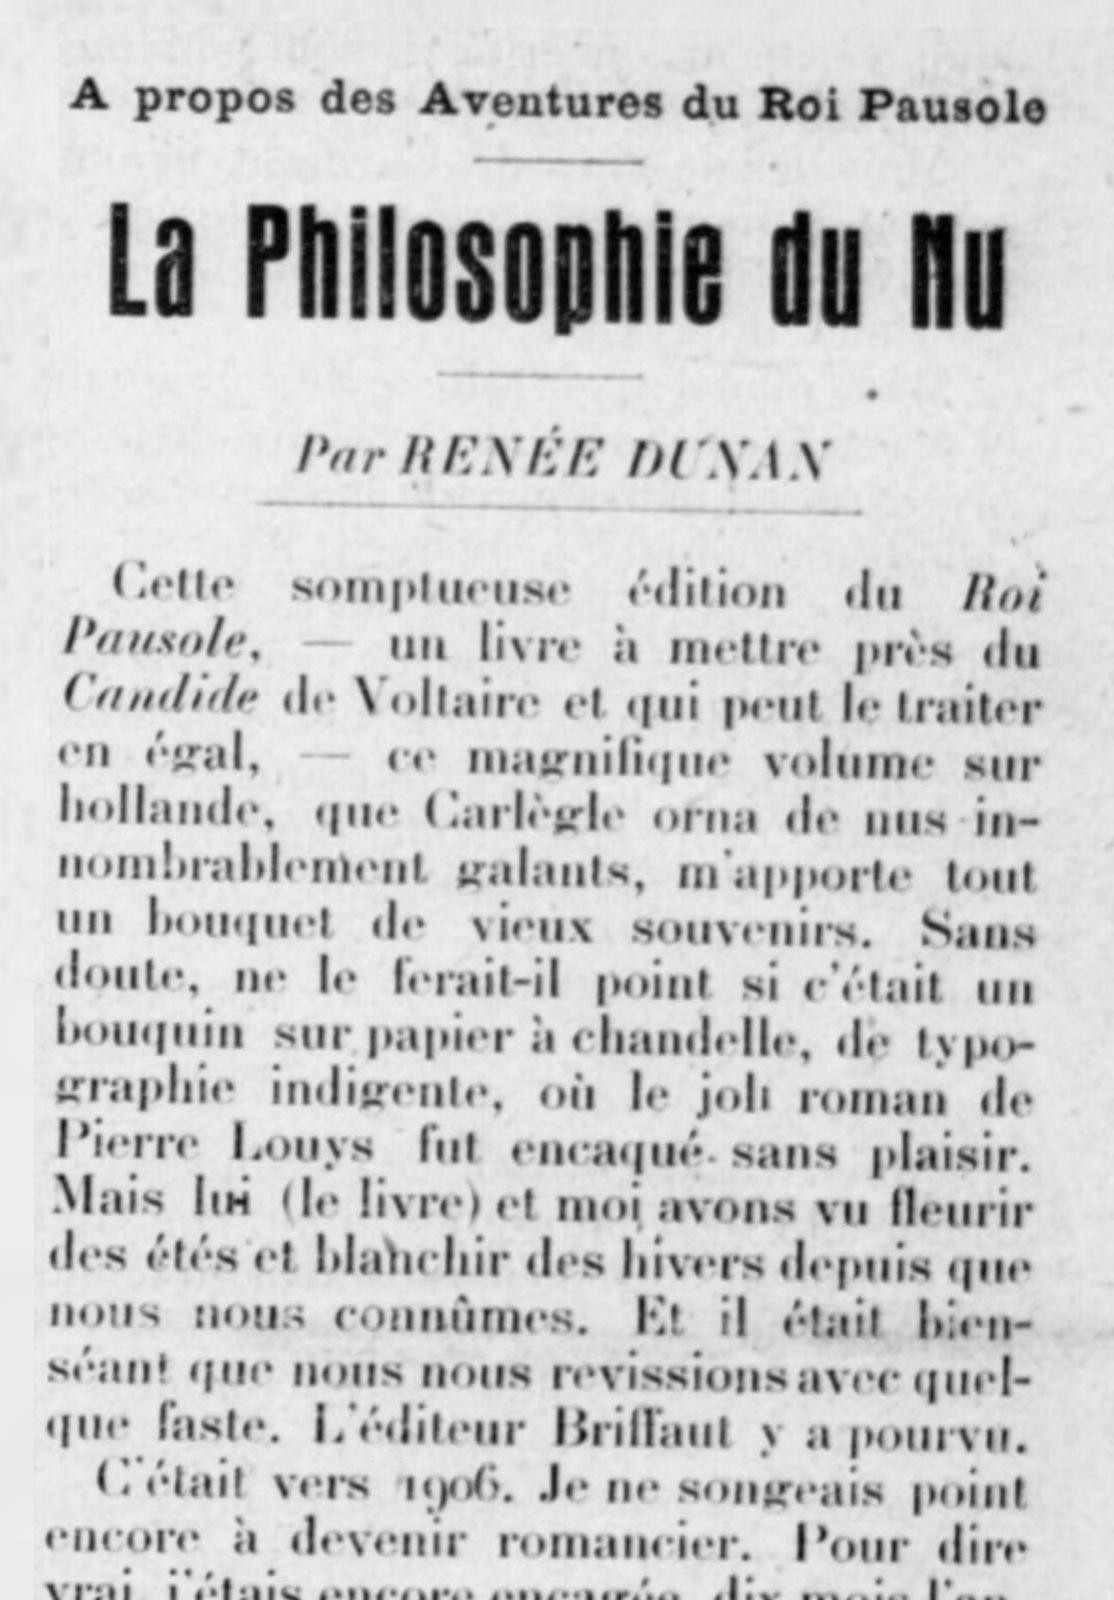 Renée Dunan - La Philosophie du Nu (1924)